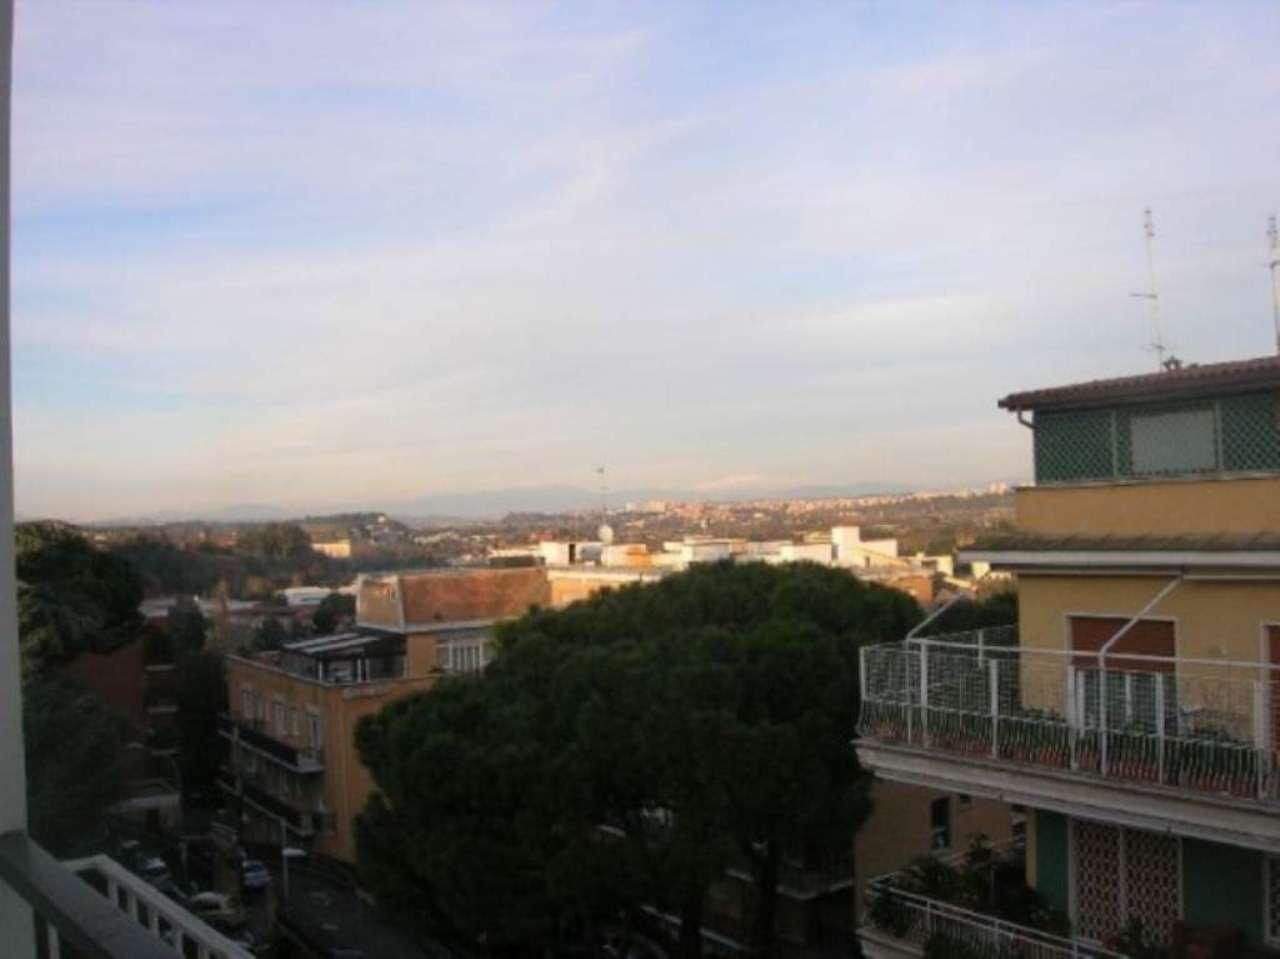 Attico / Mansarda in vendita a Roma, 8 locali, zona Zona: 32 - Fleming, Vignaclara, Monte Milvio, prezzo € 1.450.000 | CambioCasa.it